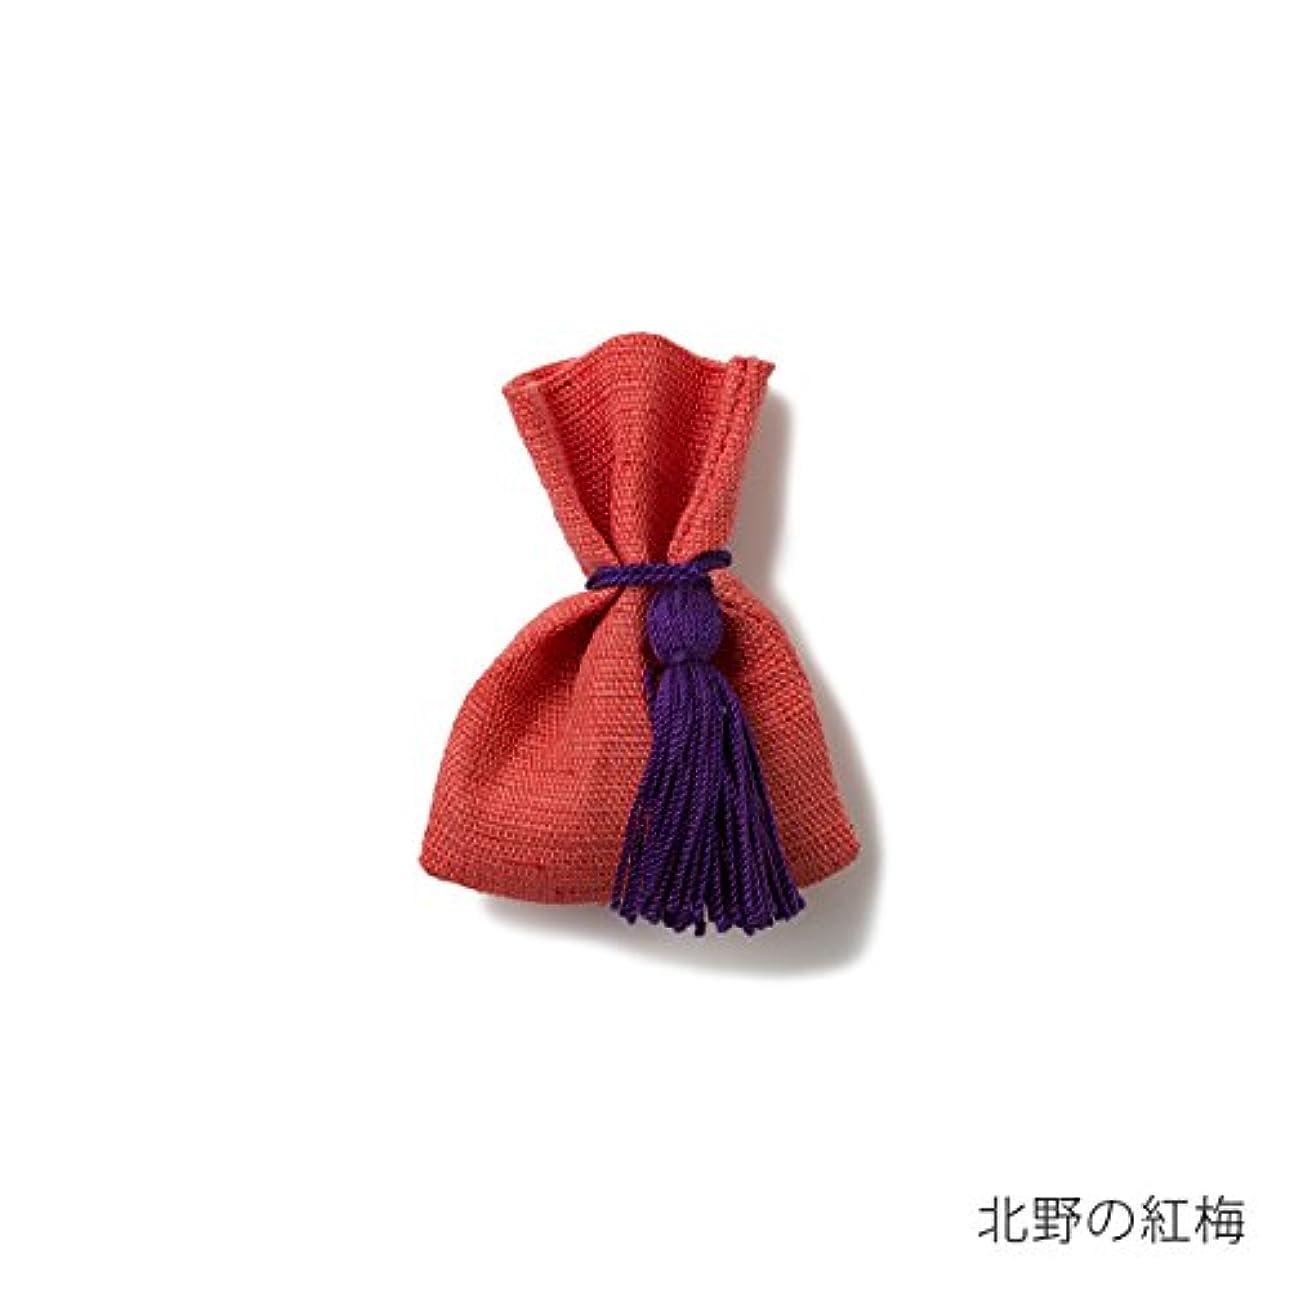 罰やりすぎ洗剤【薫玉堂】 京の香り 香袋 北野の紅梅